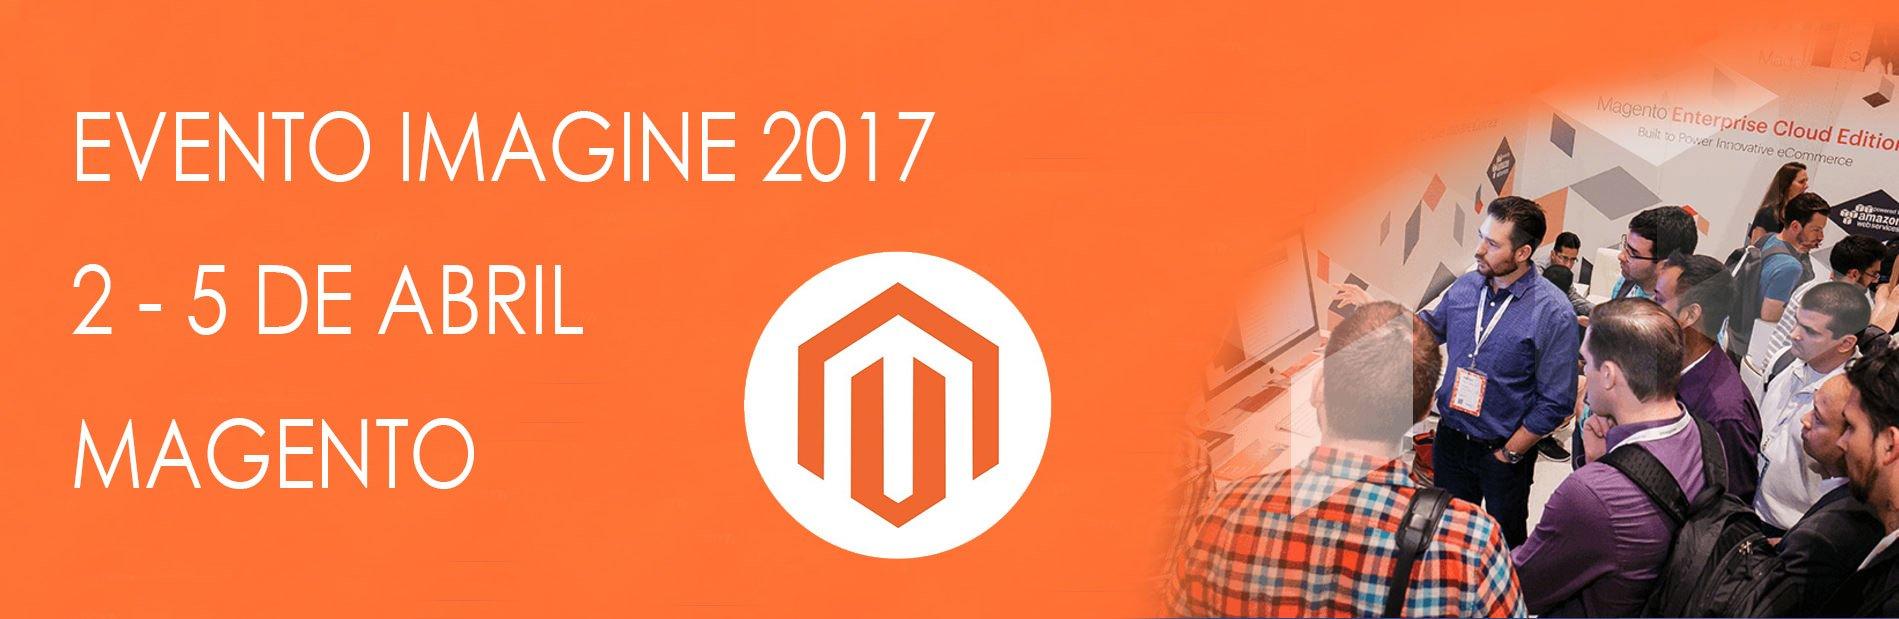 Magento imagine 2017 portada